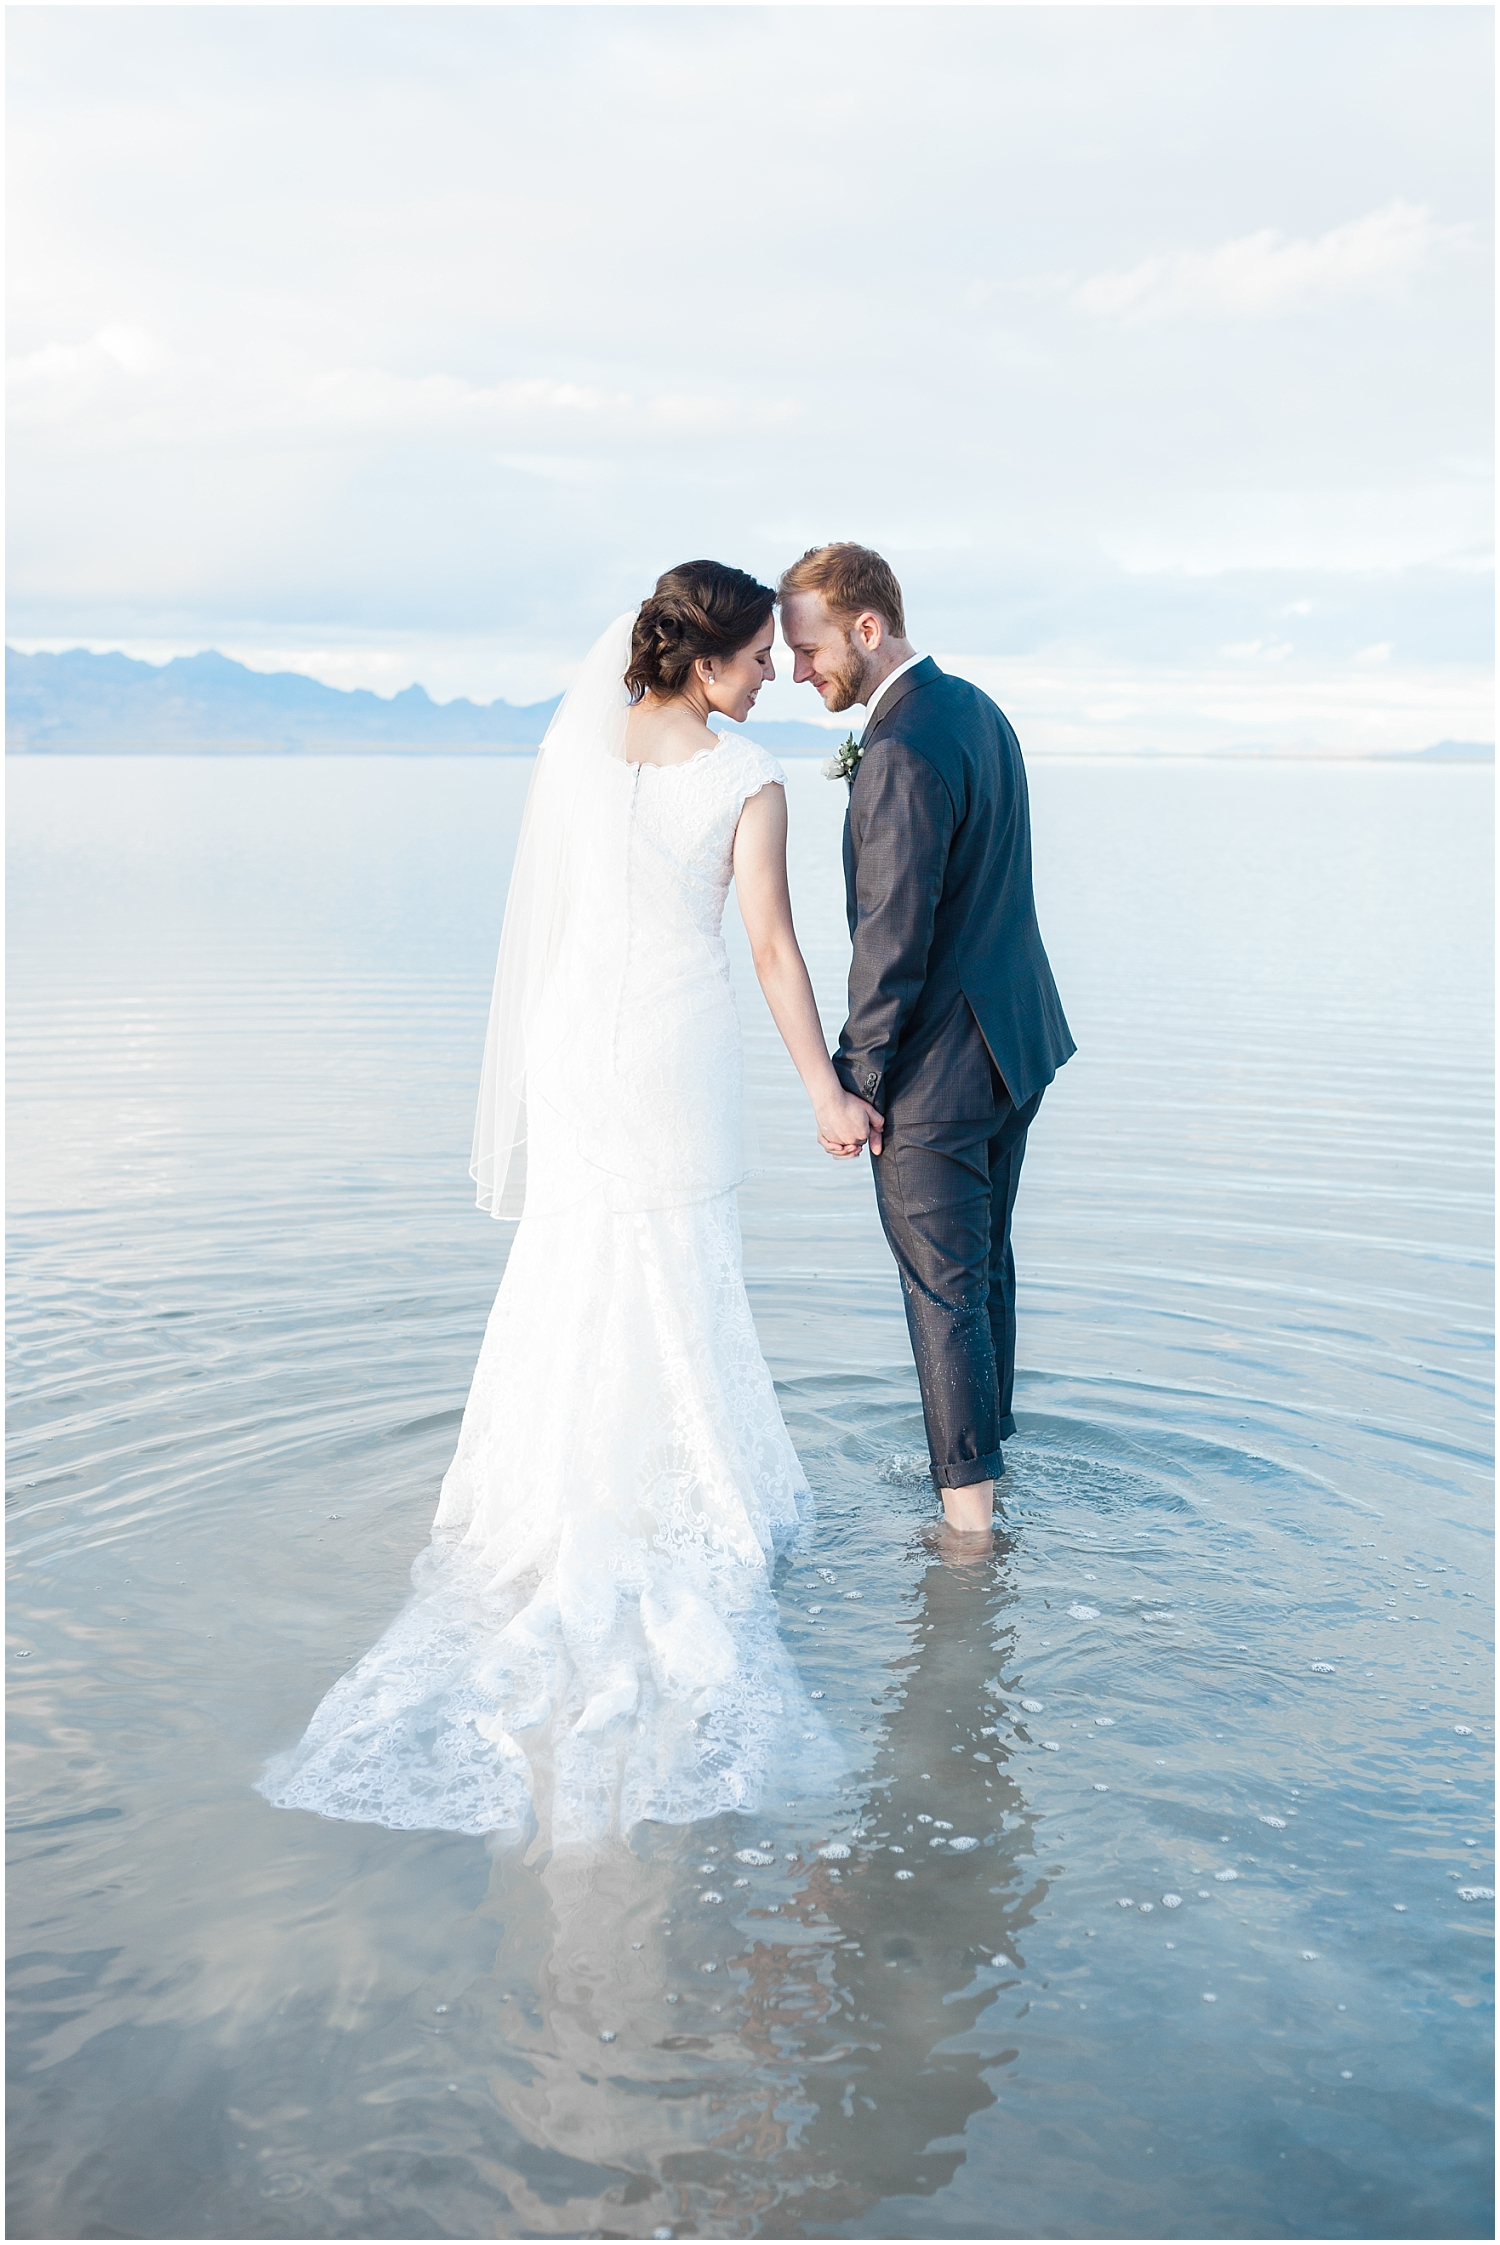 Bonneville Salt Flats Bridals-Ryan & Rachael-Rachel Reyes Photography_0151.jpg